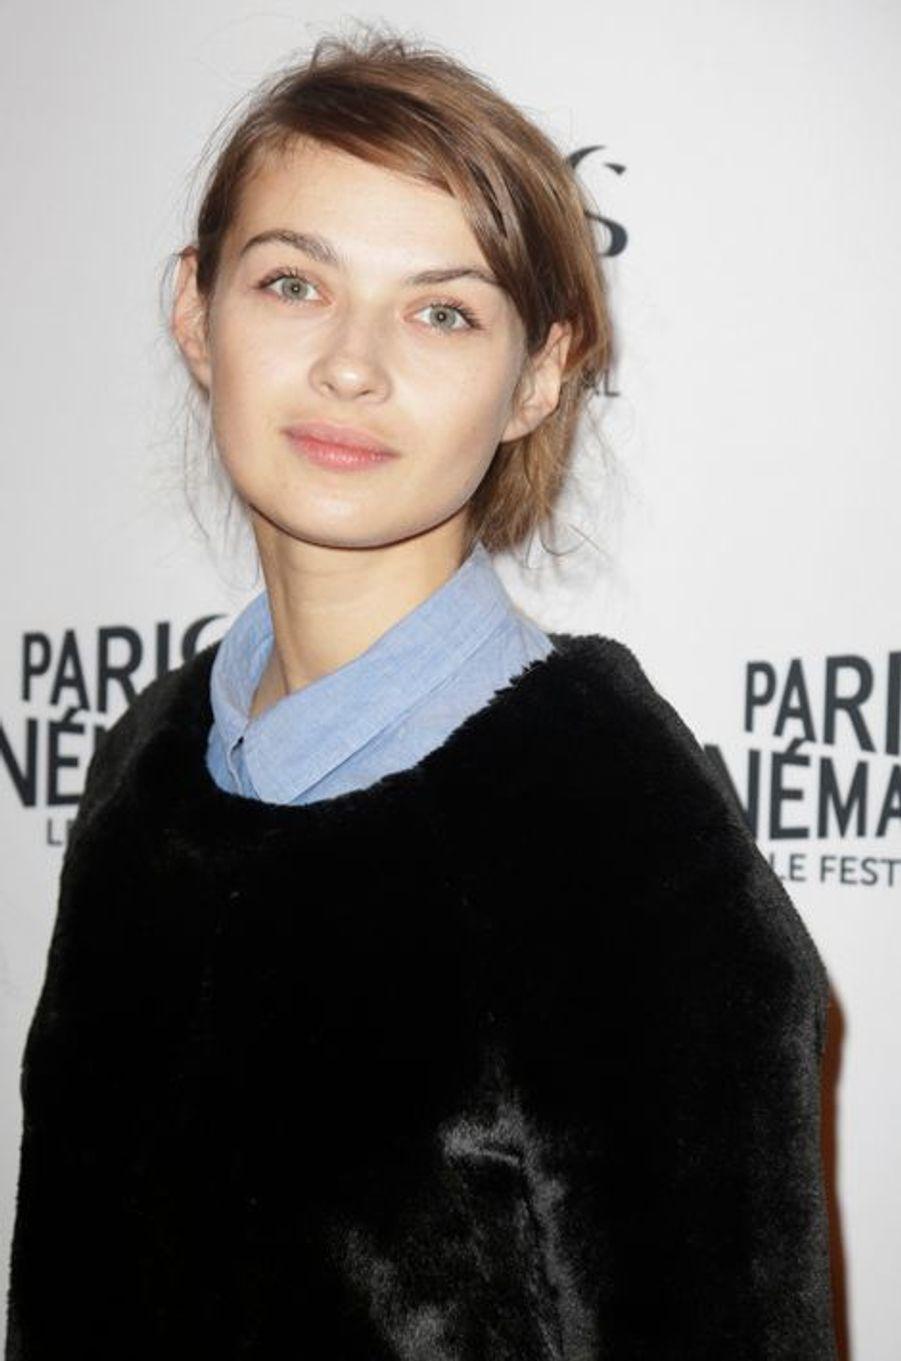 Ana Neborac